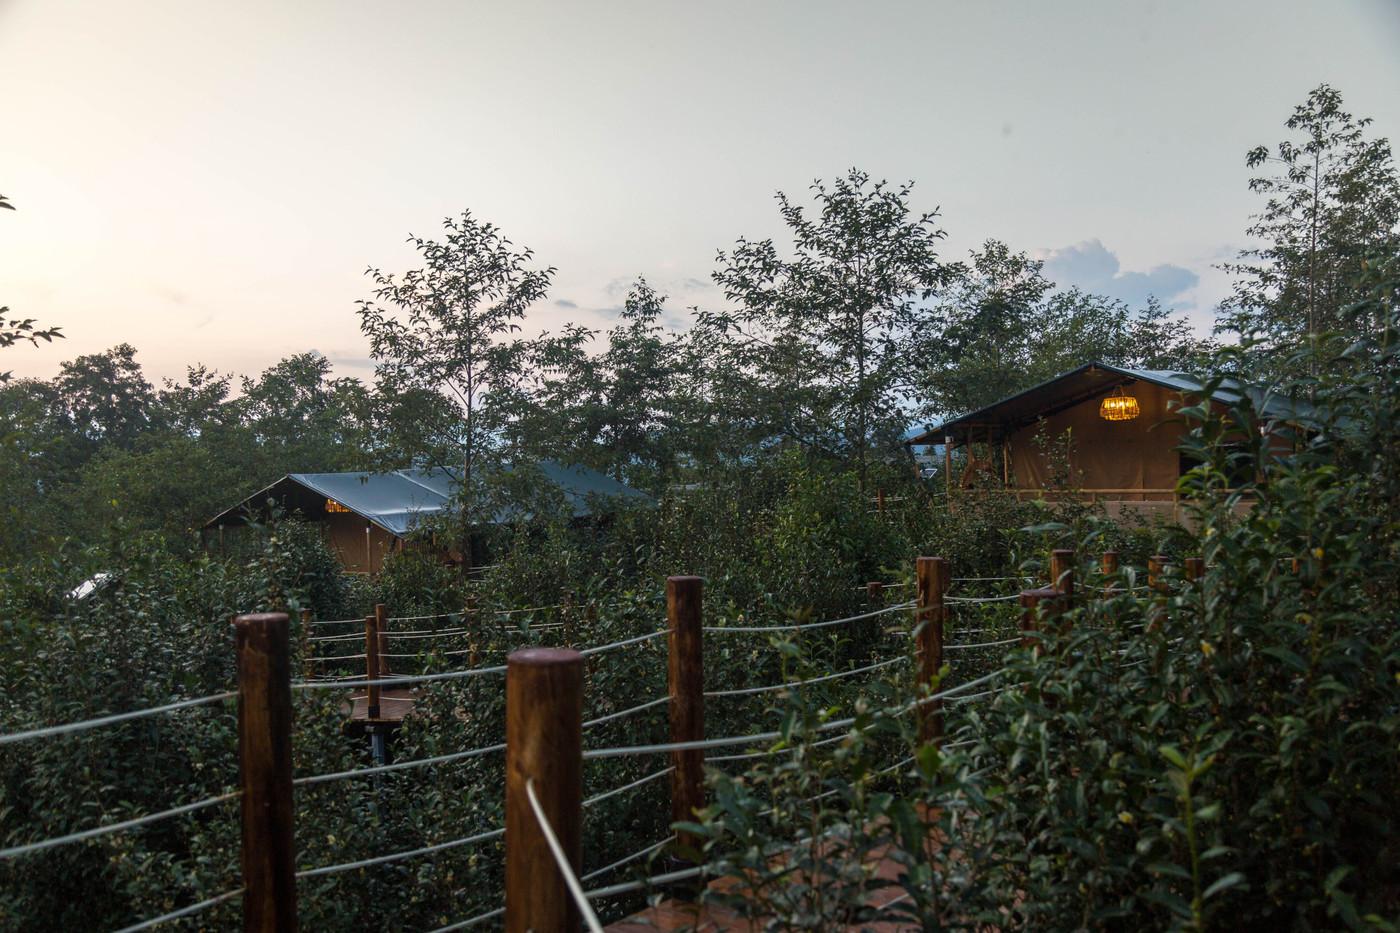 喜马拉雅野奢帐篷酒店—云南腾冲高黎贡山茶博园23